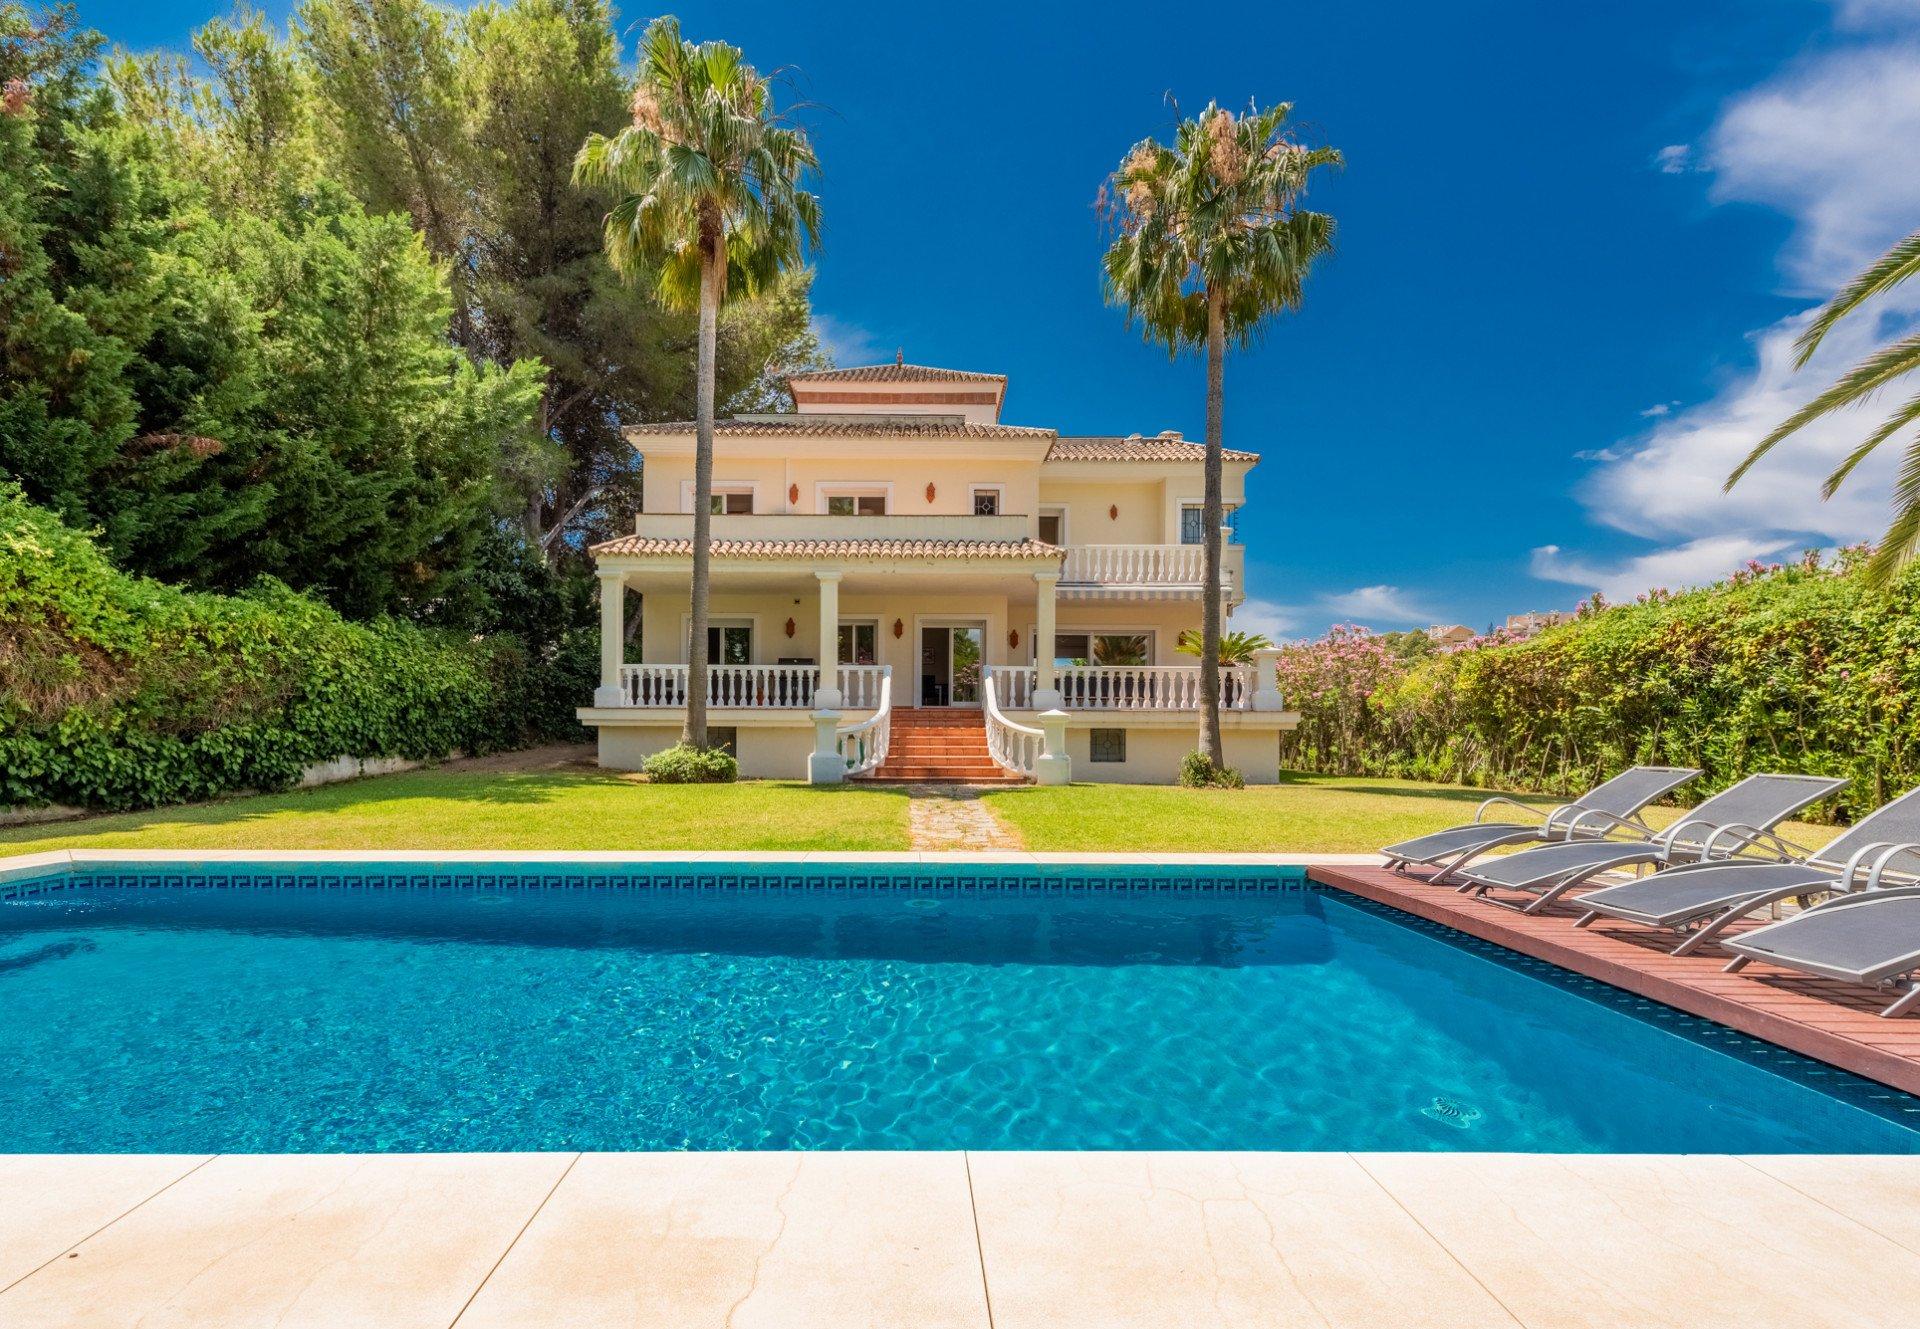 Villa in Marbella, Andalusia, Spain 1 - 10566066